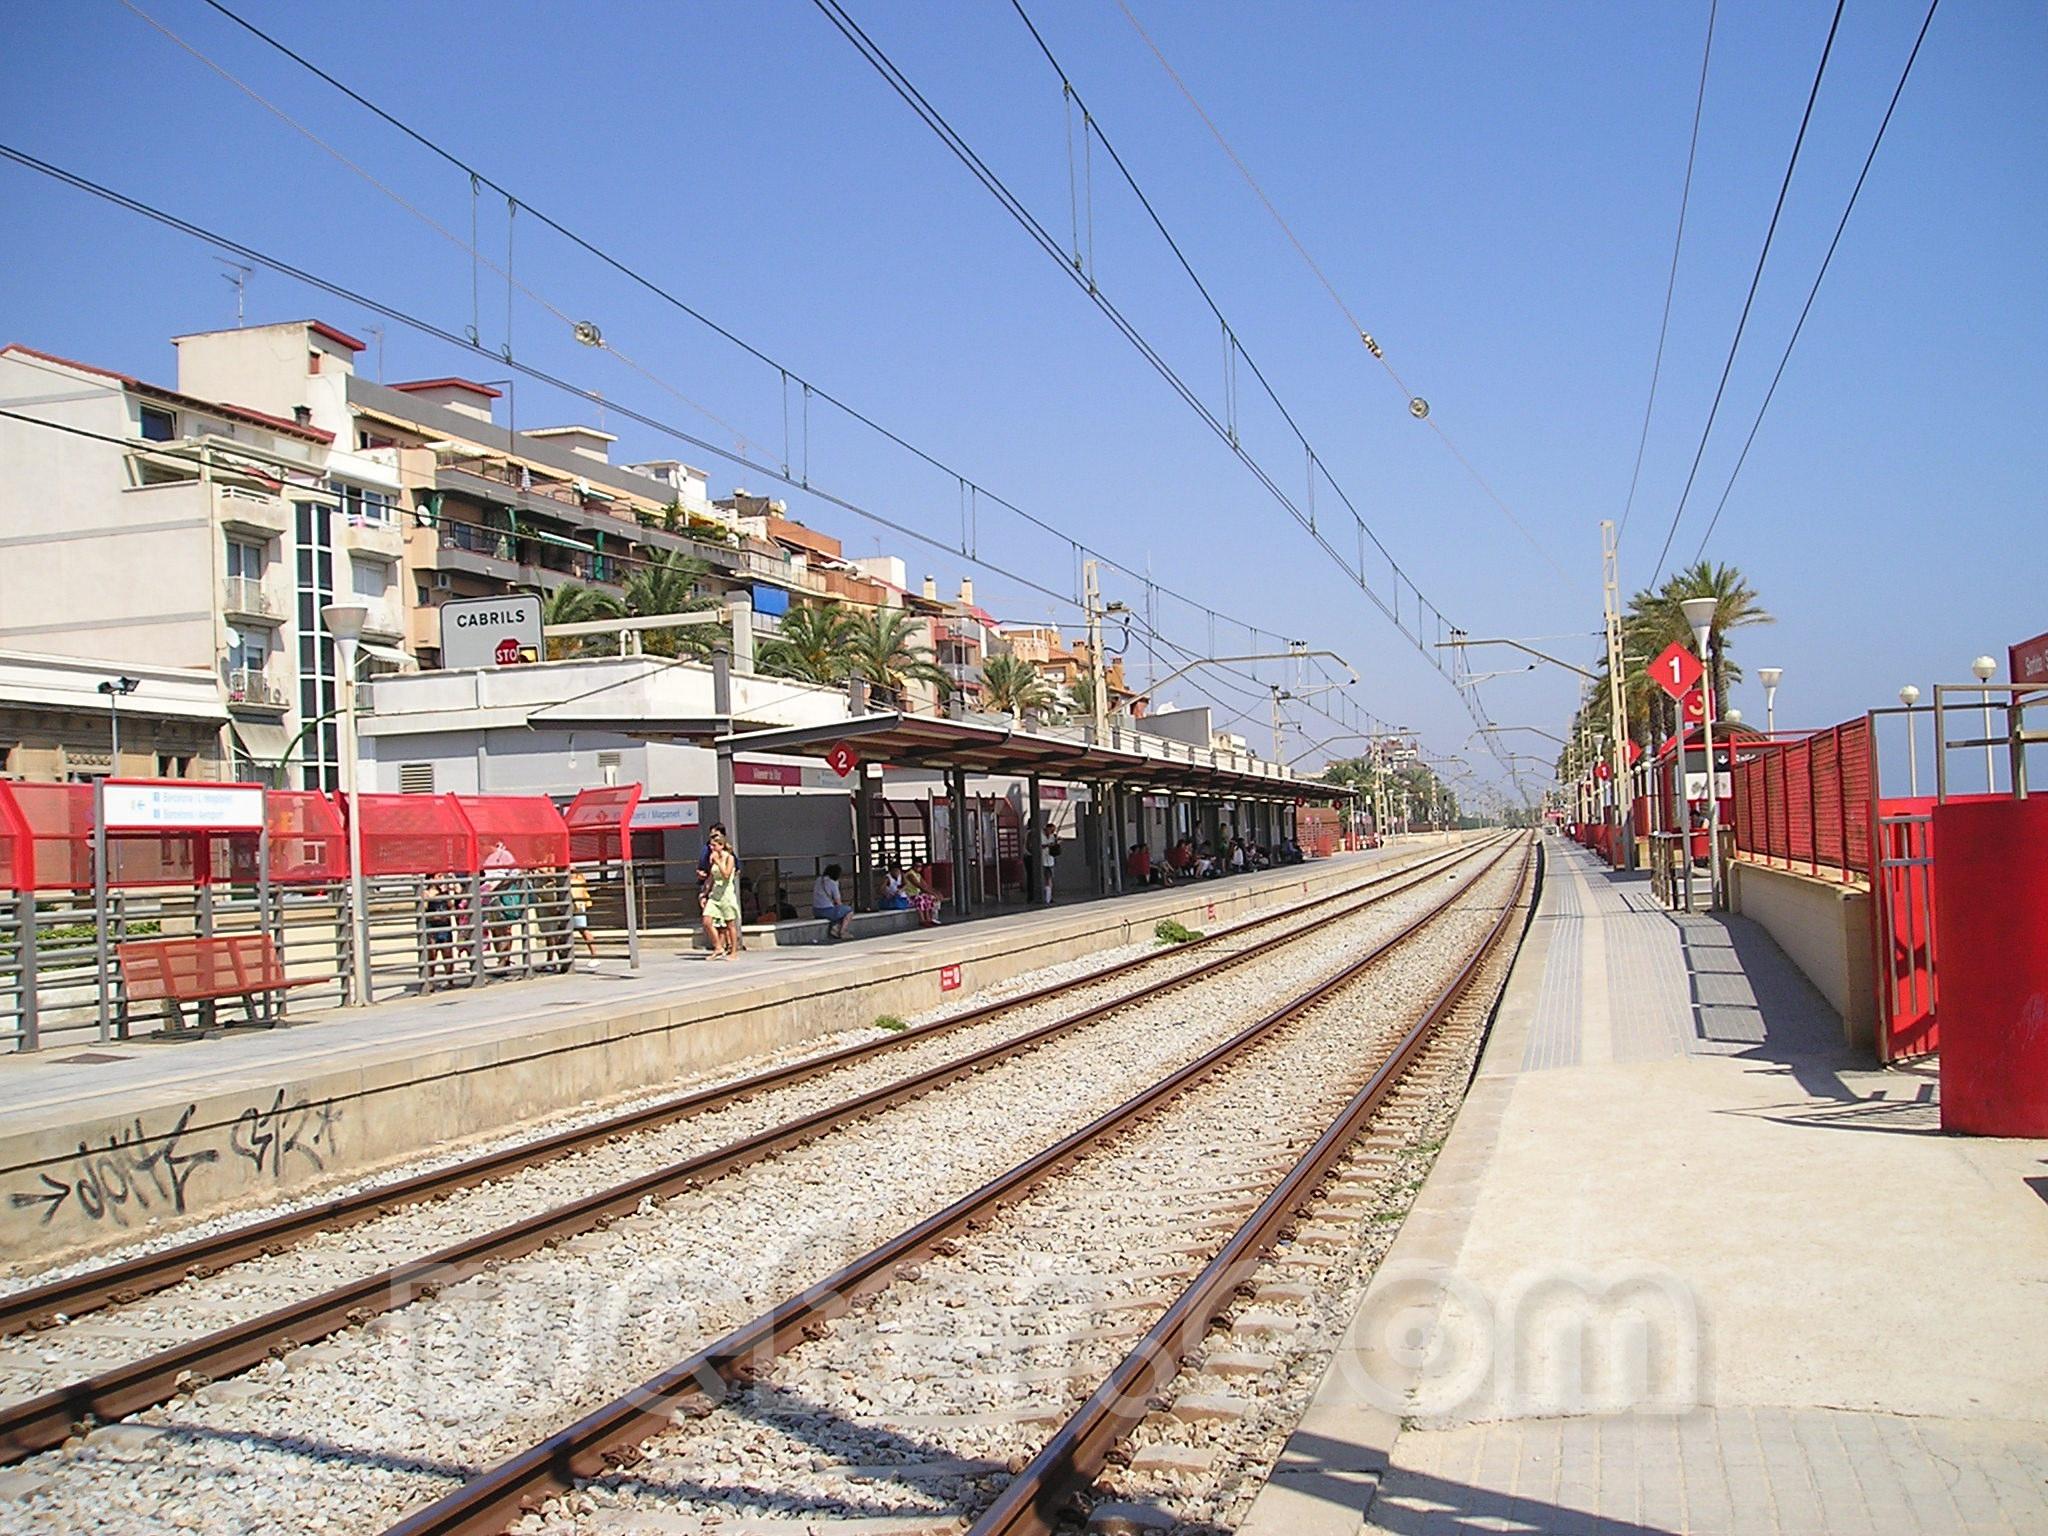 Renfe / ADIF: Vilassar de Mar